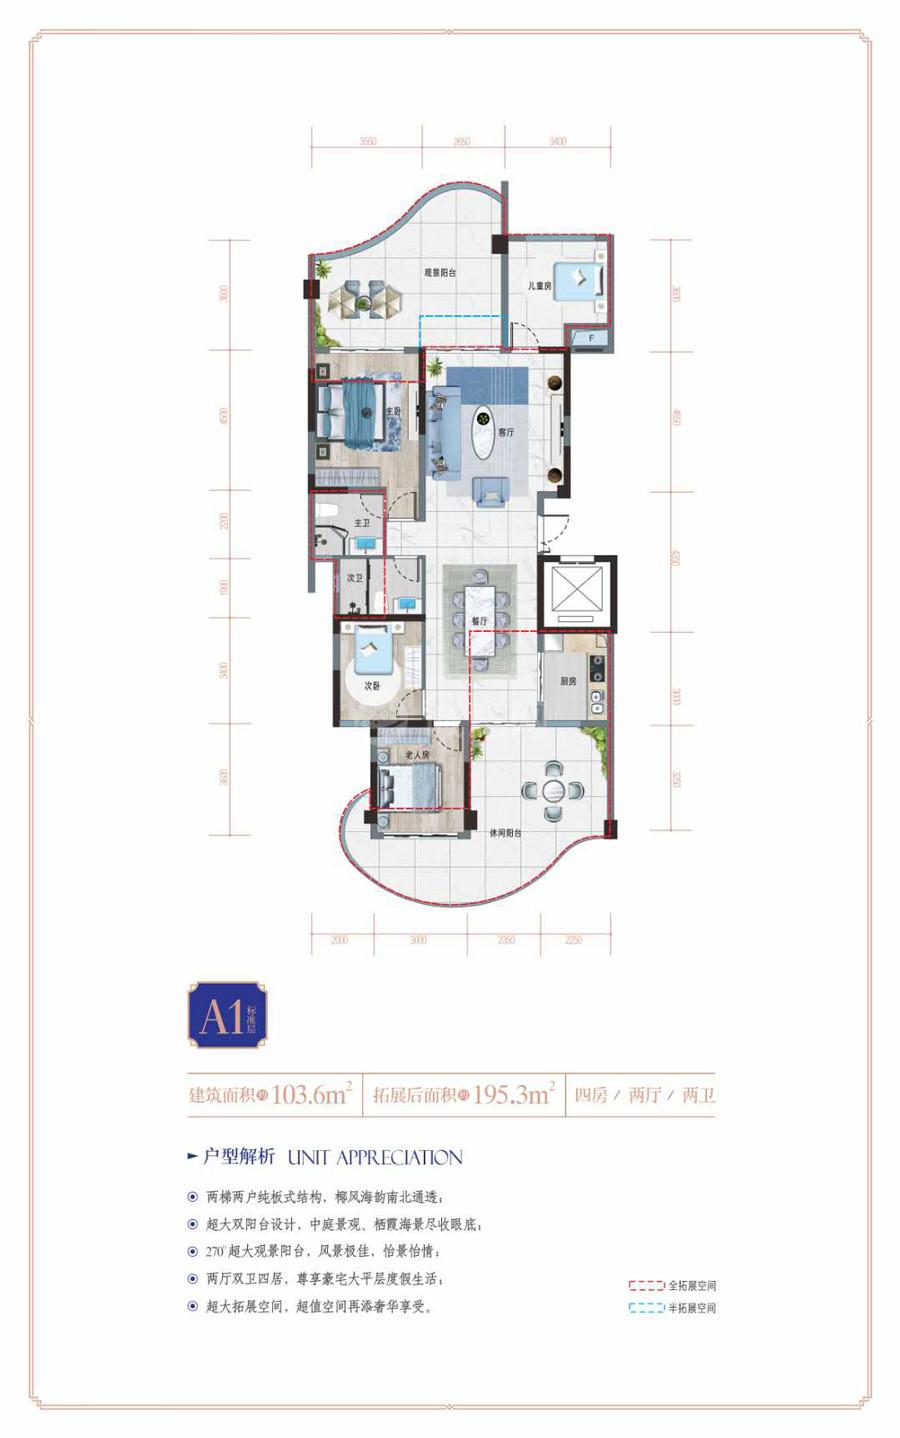 清鳳龍棲海岸4室2廳2衛2陽臺